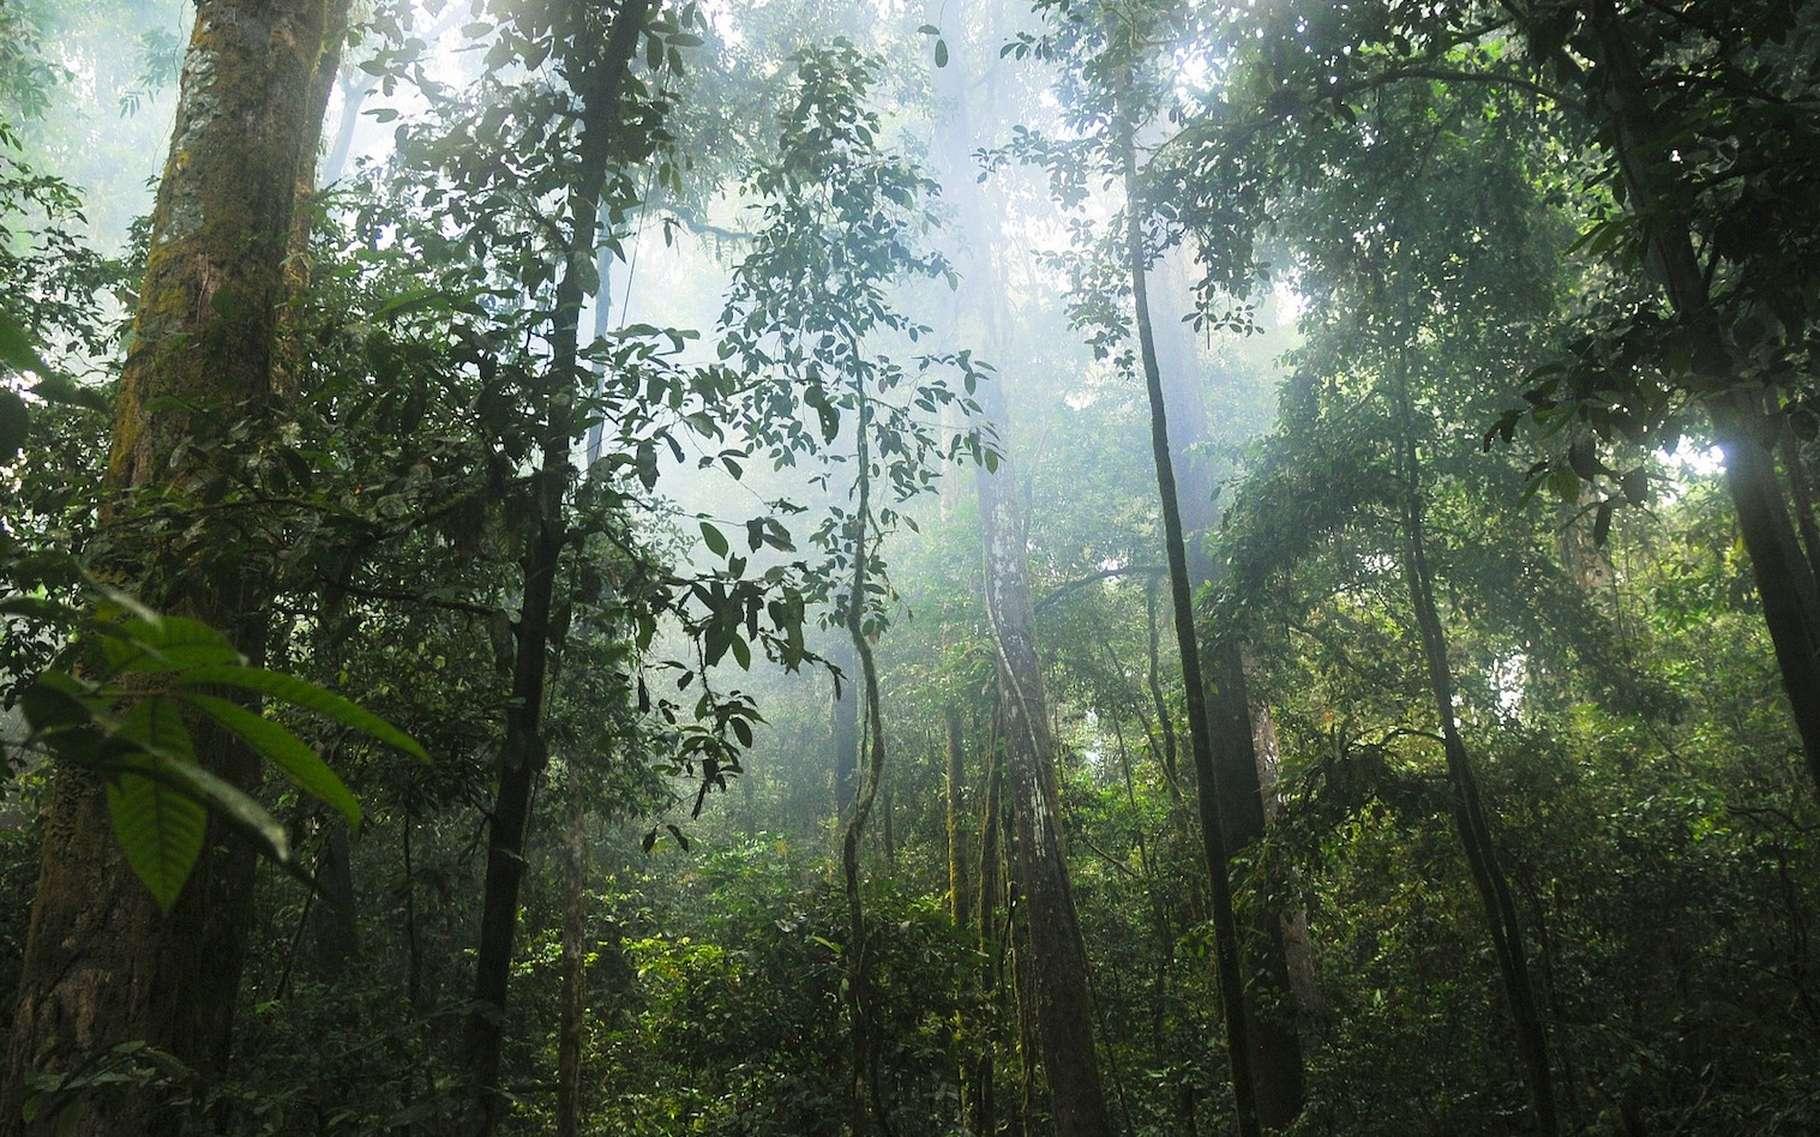 Les forêts tropicales primaires sont essentielles pour stocker le carbone et fournir un habitat aux jaguars, aux orangs-outans, aux gorilles et à tant d'autres animaux. Mais selon Global Forest Watch, elles sont en net recul. © stokpic, Pixabay License